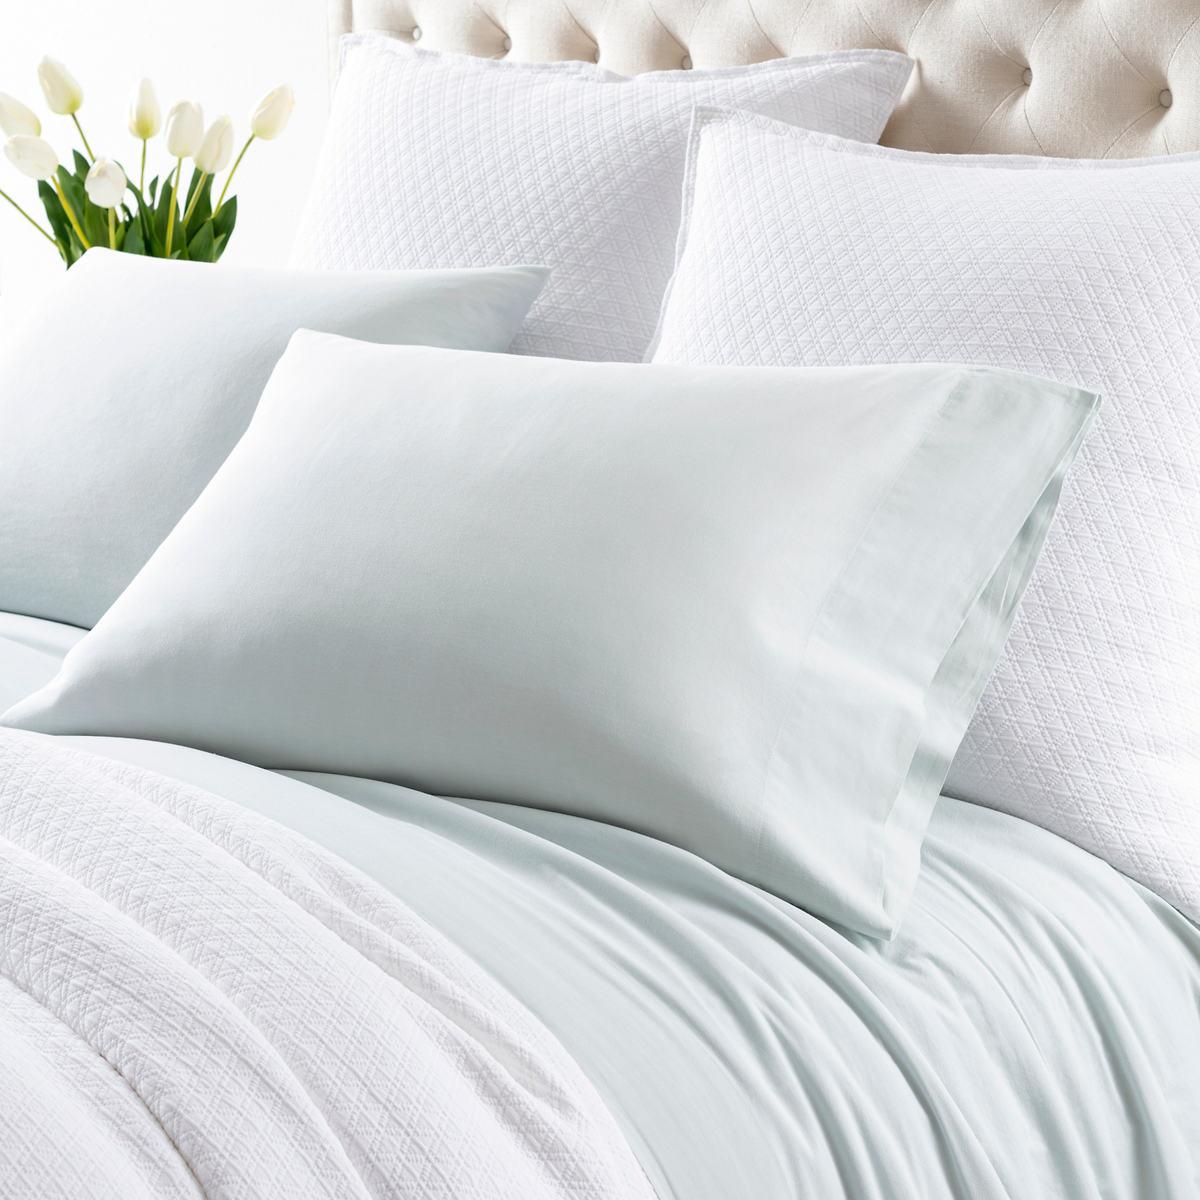 Comfy Cotton Sky Sheet Set